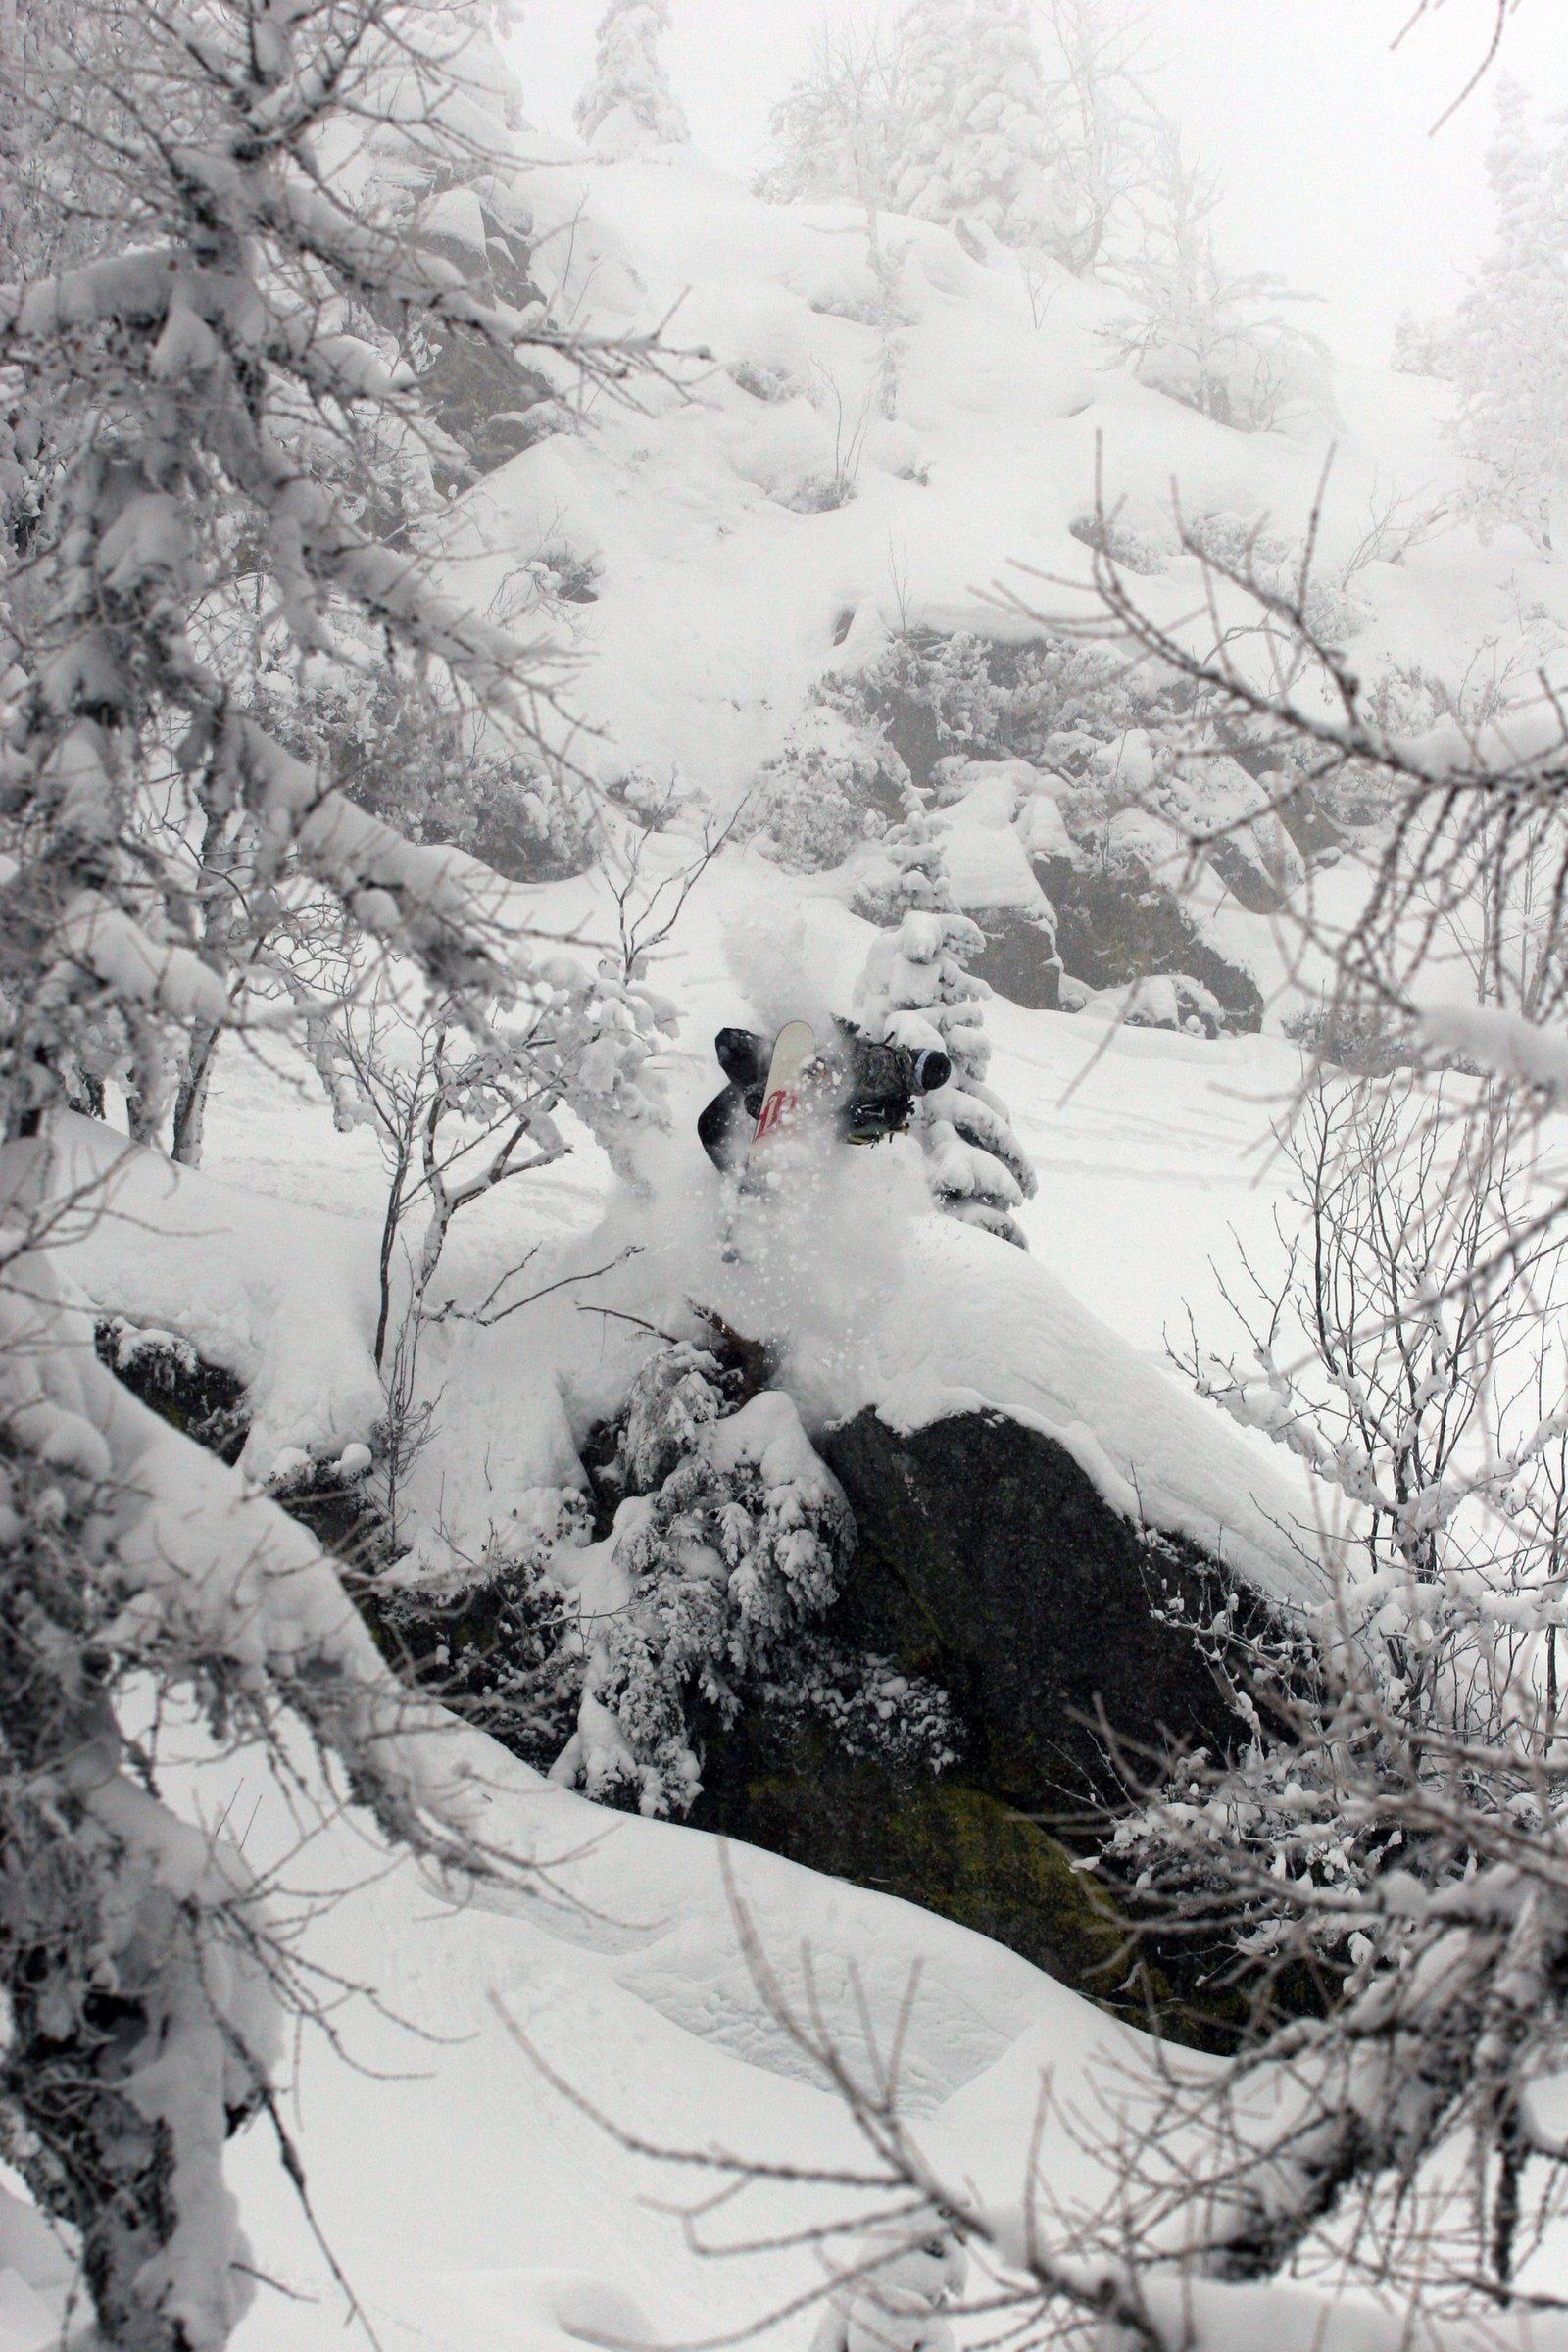 Snowboard sideflip